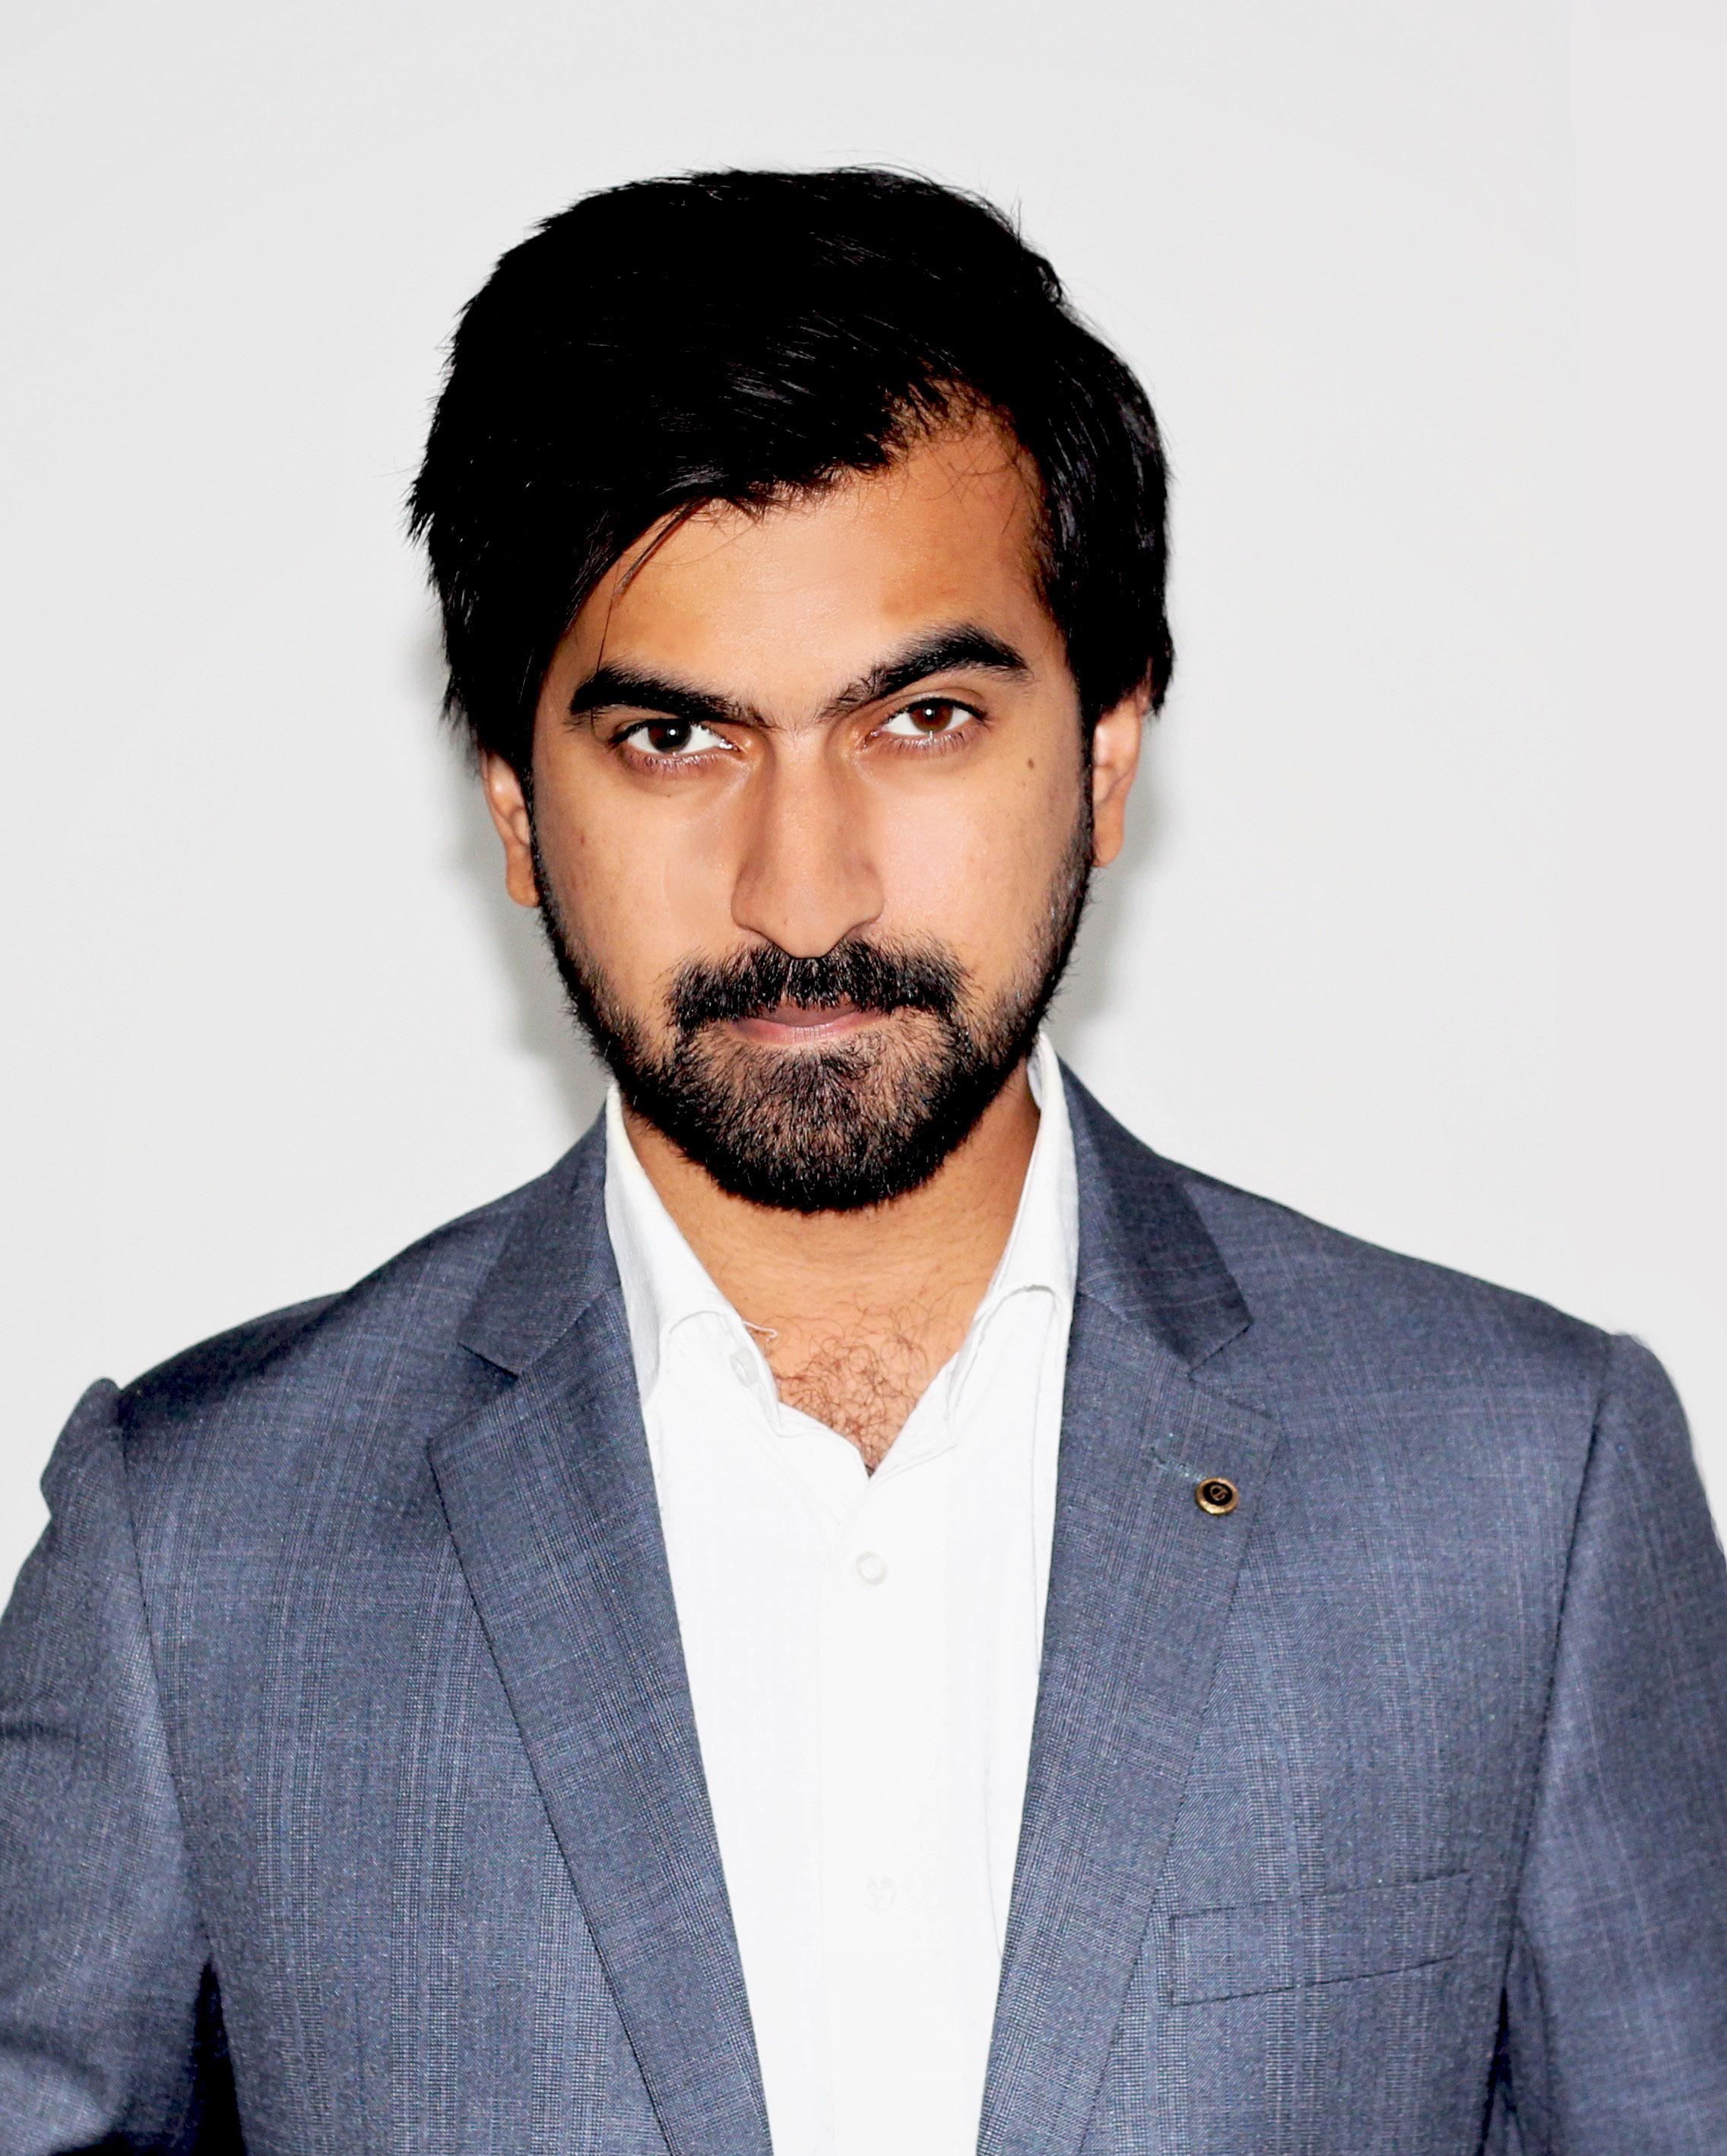 Mr. Malik Muhammad